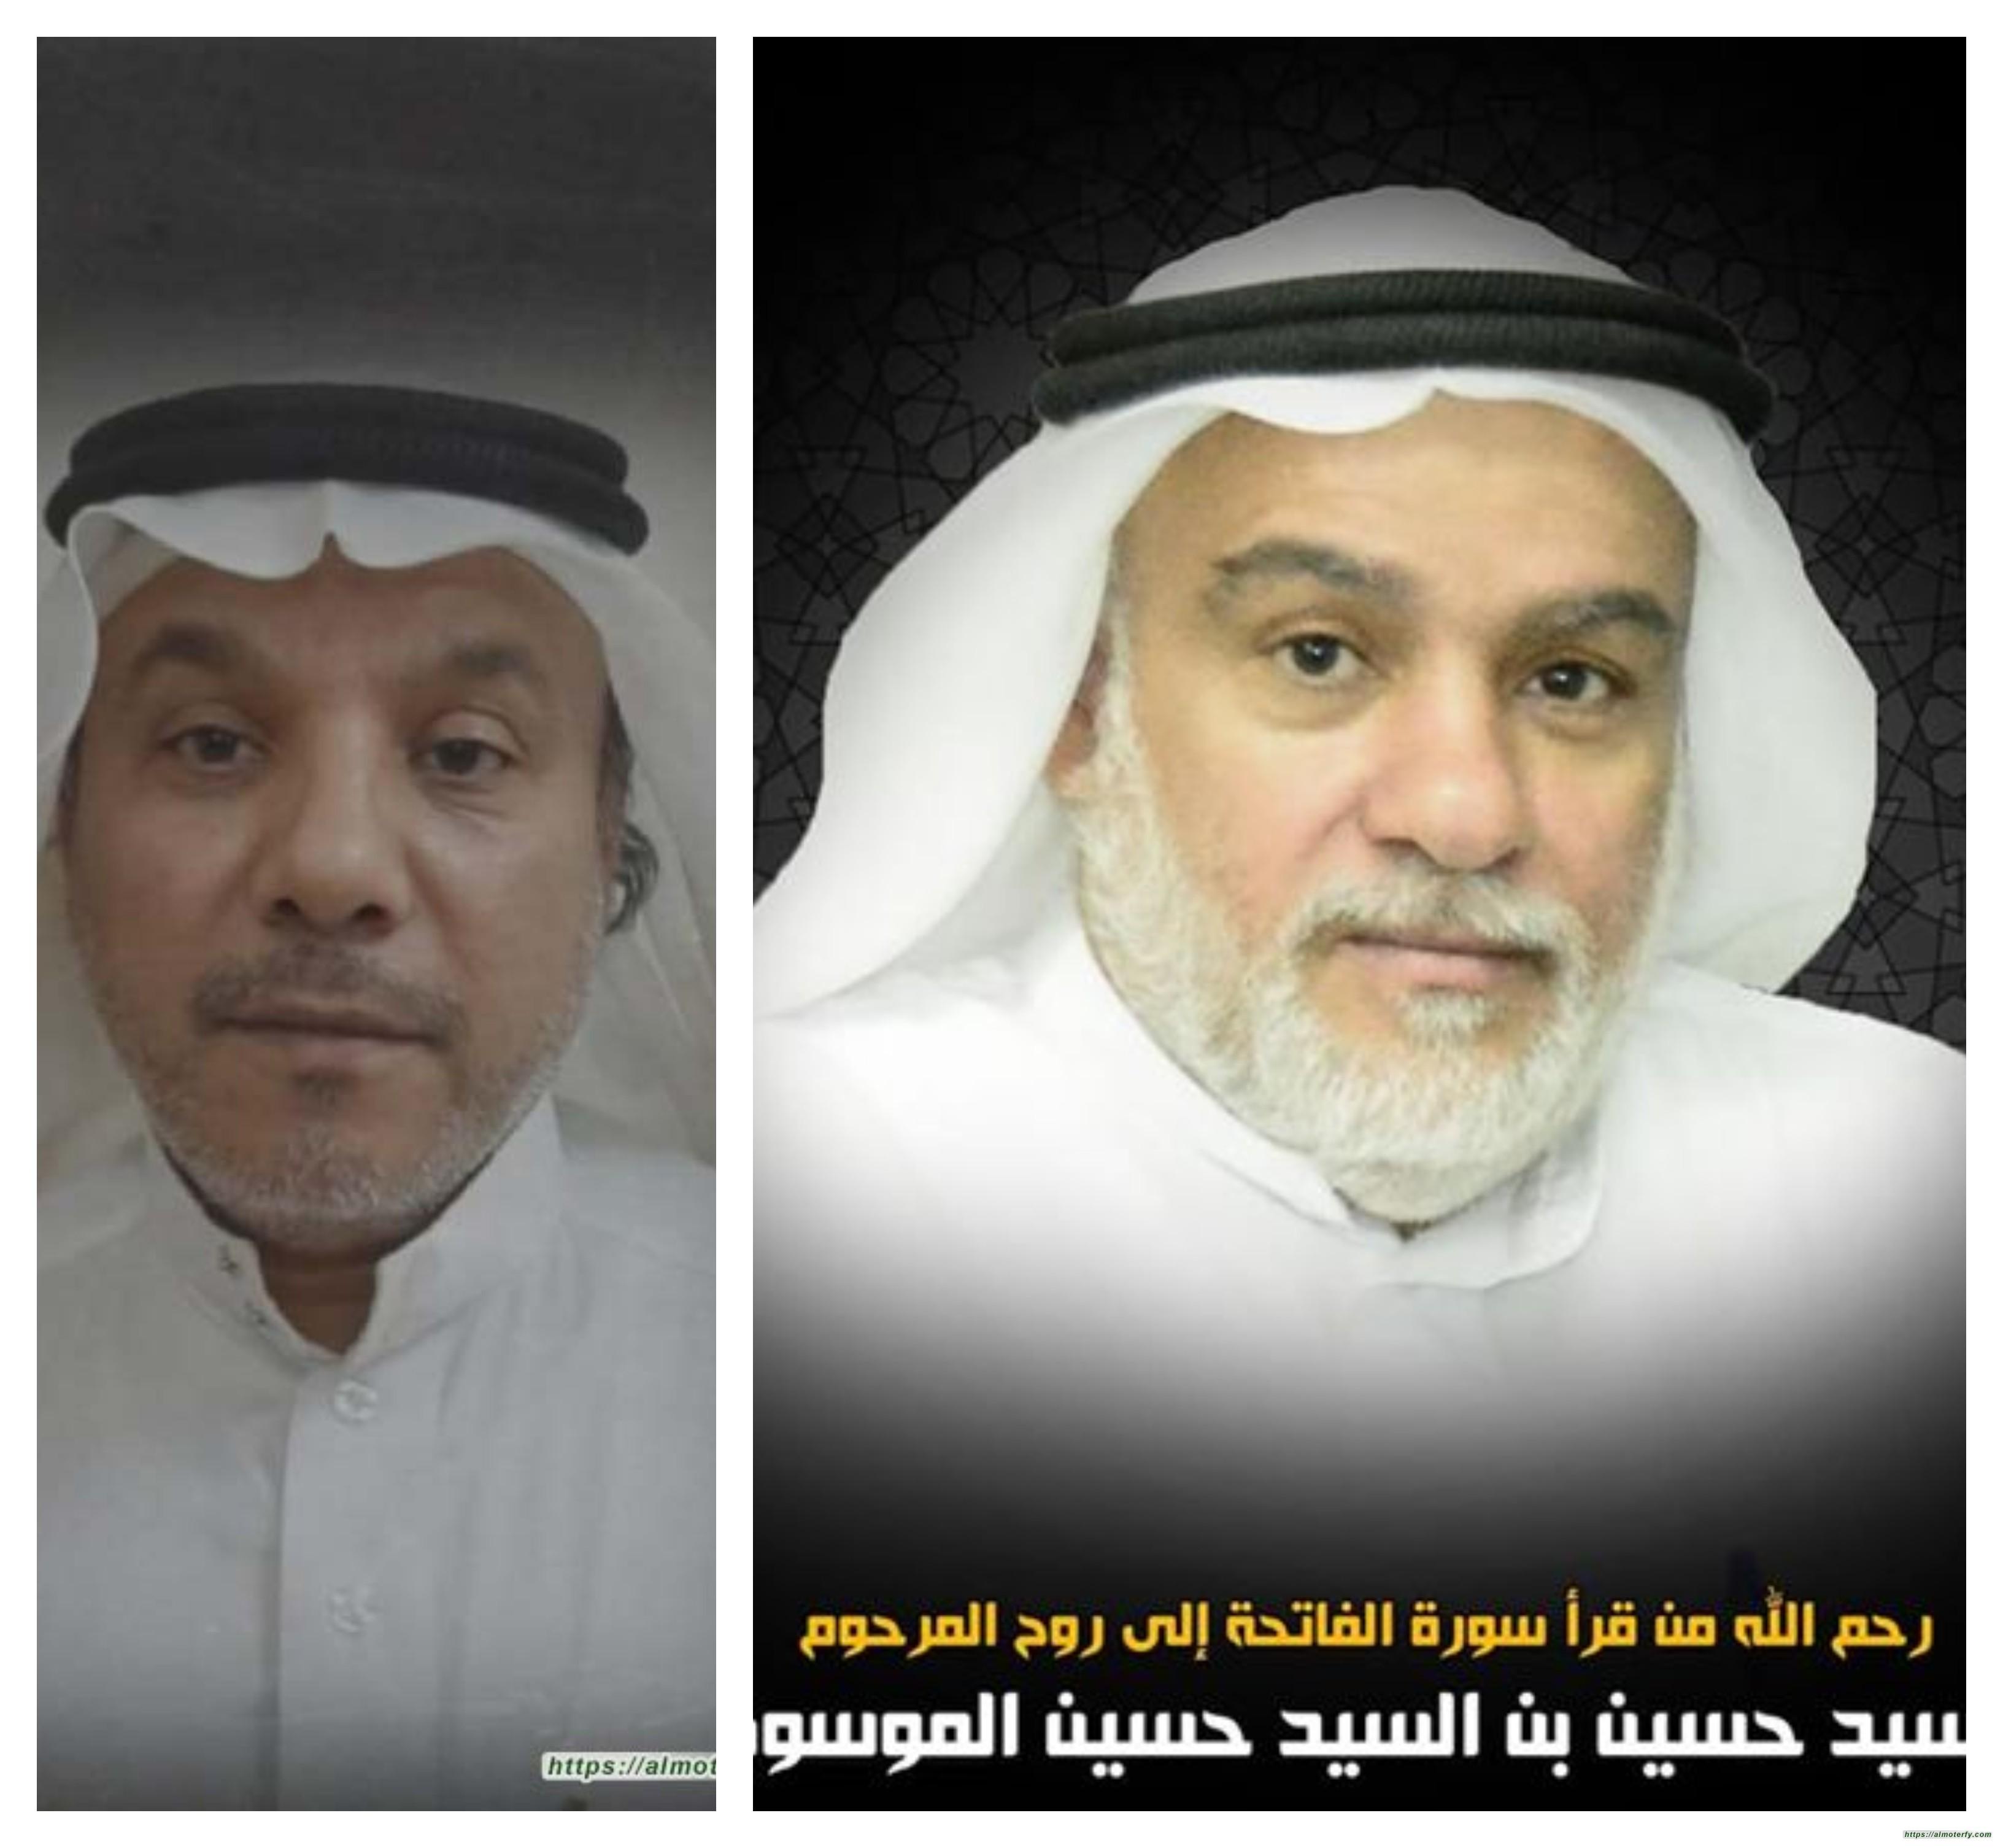 تأريخ وفاة ابن العم السيد النجيب والفقيد الغالي السيد حسين بن السيد حسين الموسوي